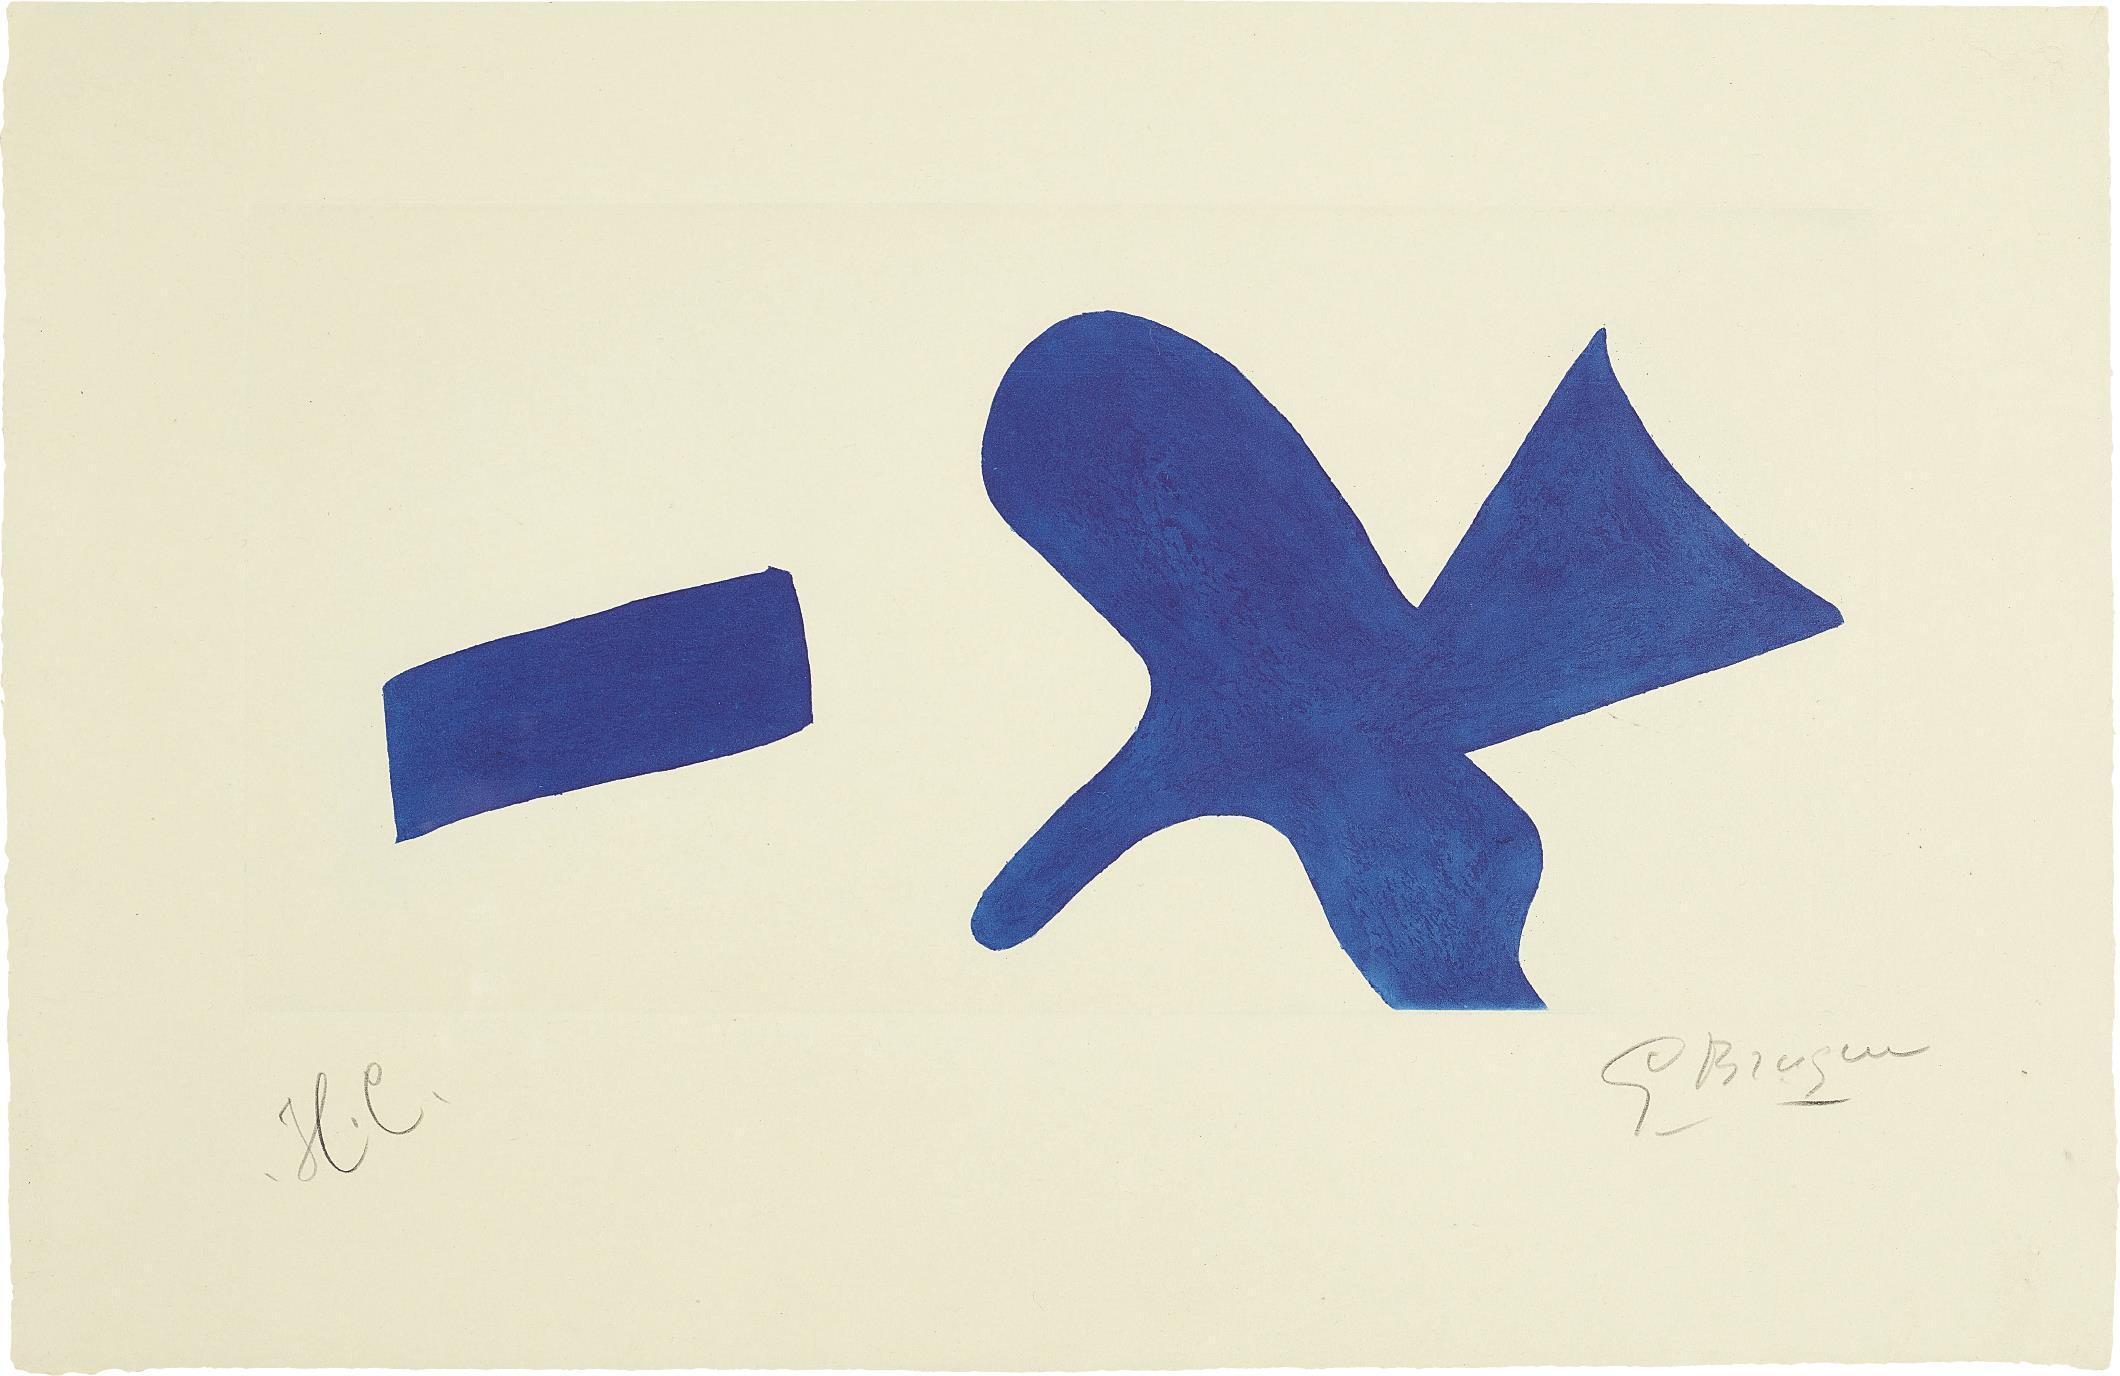 Georges Braque-Loiseau Bleu (Invitation Exposition Louis Broder Pour Le Livre De Braque) (The Blue Bird - Invitiation Exhibition Louis Broder For Braque Book)-1960